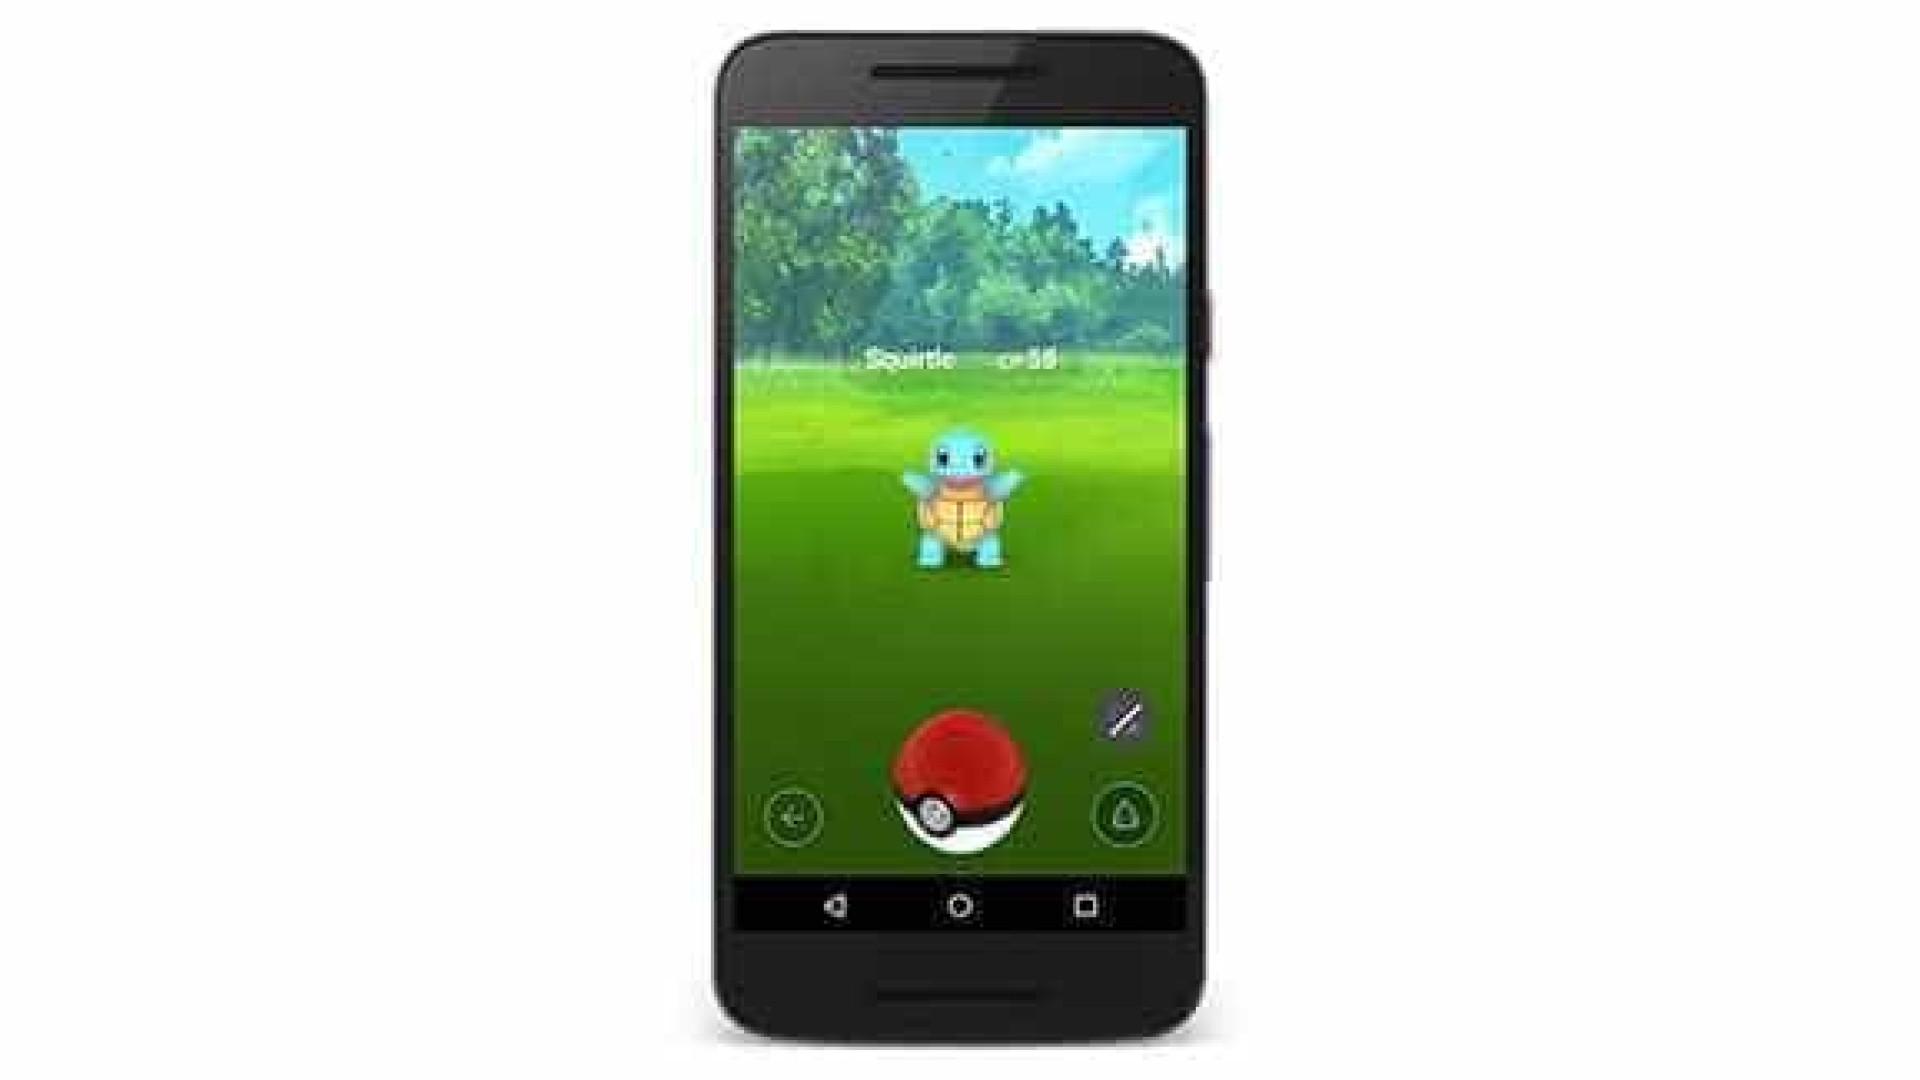 Há novos detalhes sobre o 'Pokémon Go'